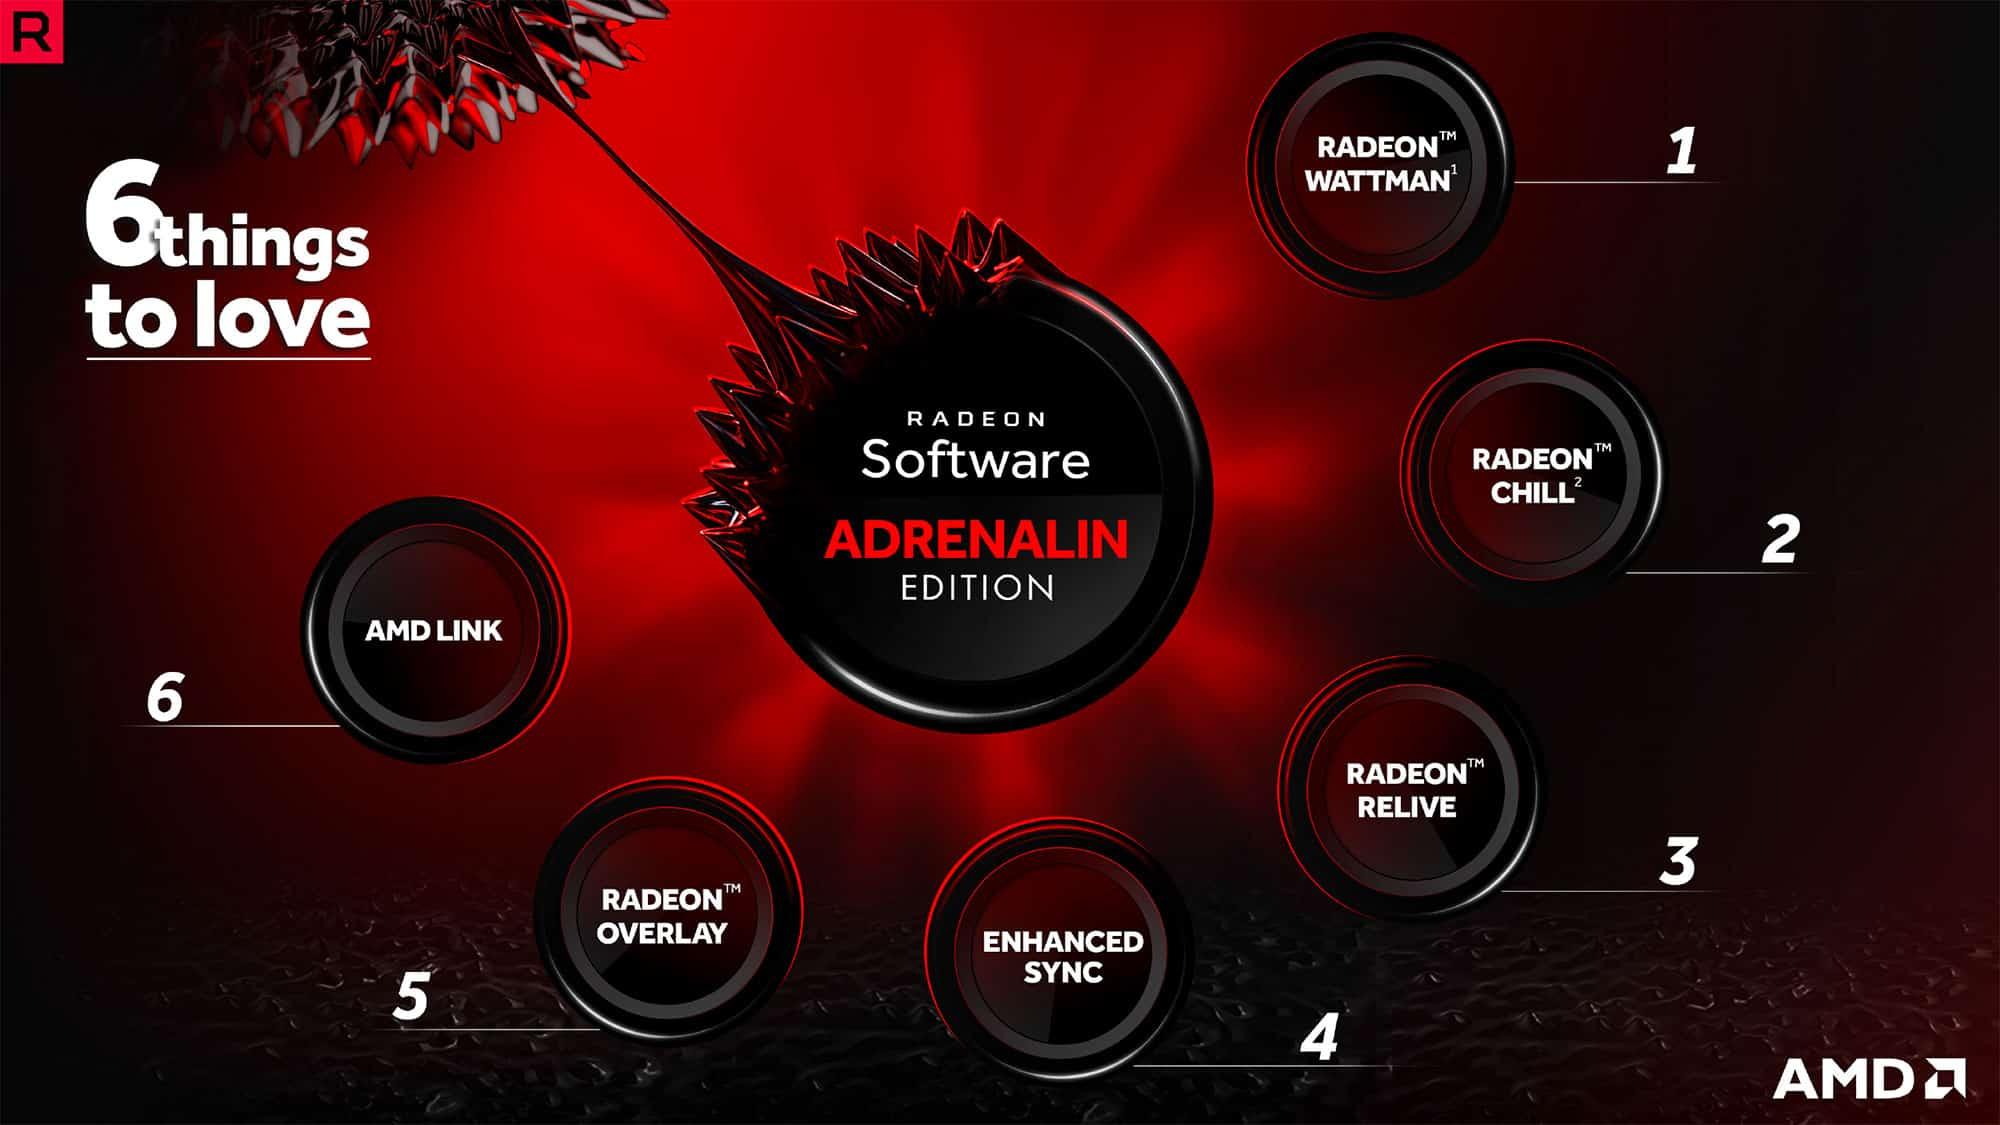 adrenalin radeon 1 - Radeon Adrenalin Edition 18.1.1 ALPHA per risolvere i problemi DX9